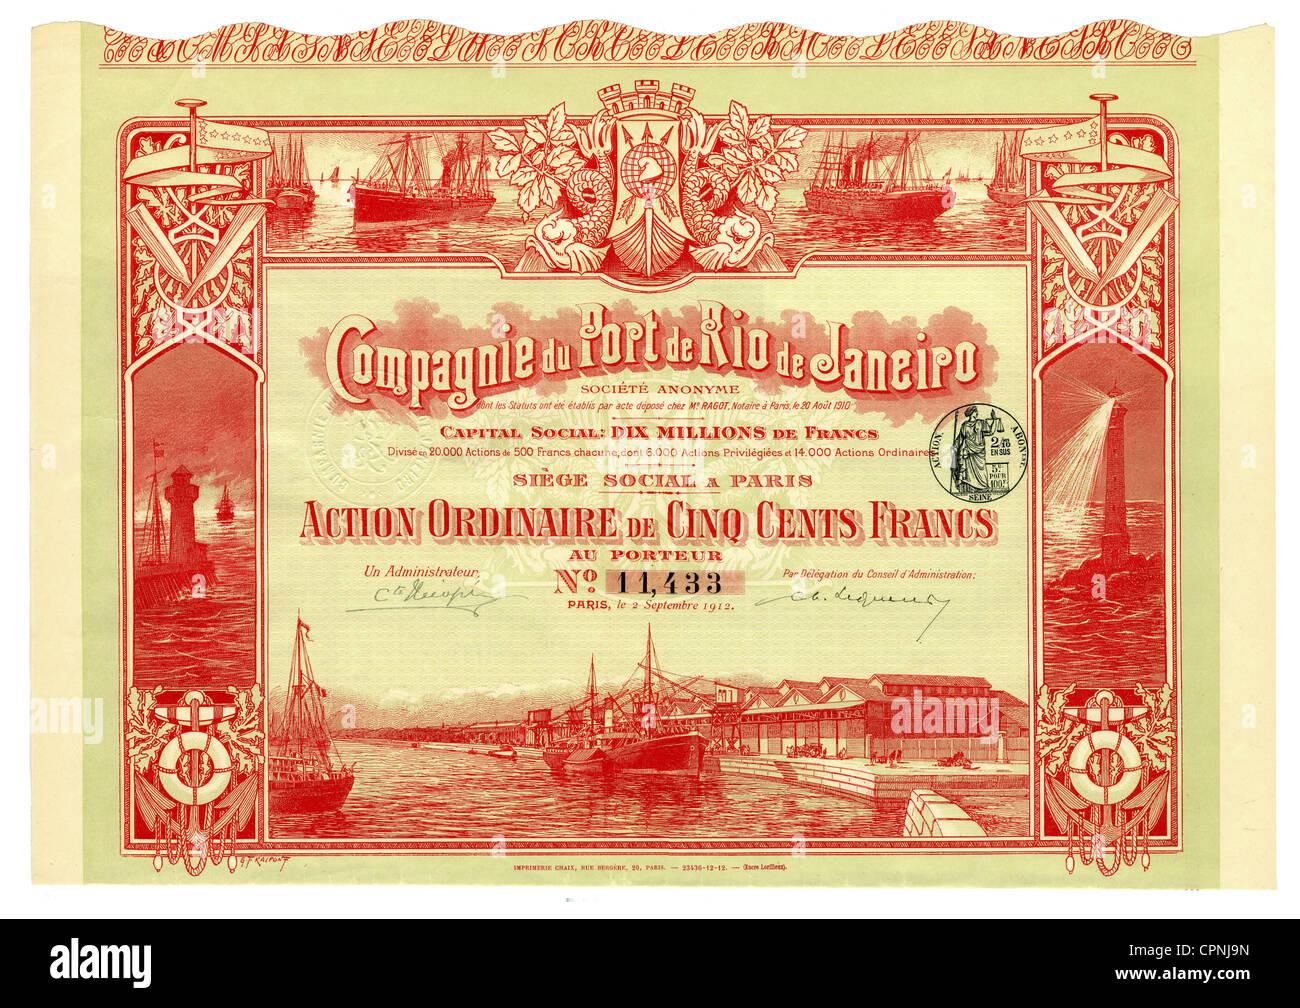 money / finances, share, share of the Compagnie du Port de Rio de Janeiro, about 500 franc, Rio de Janeiro, office - Stock Image